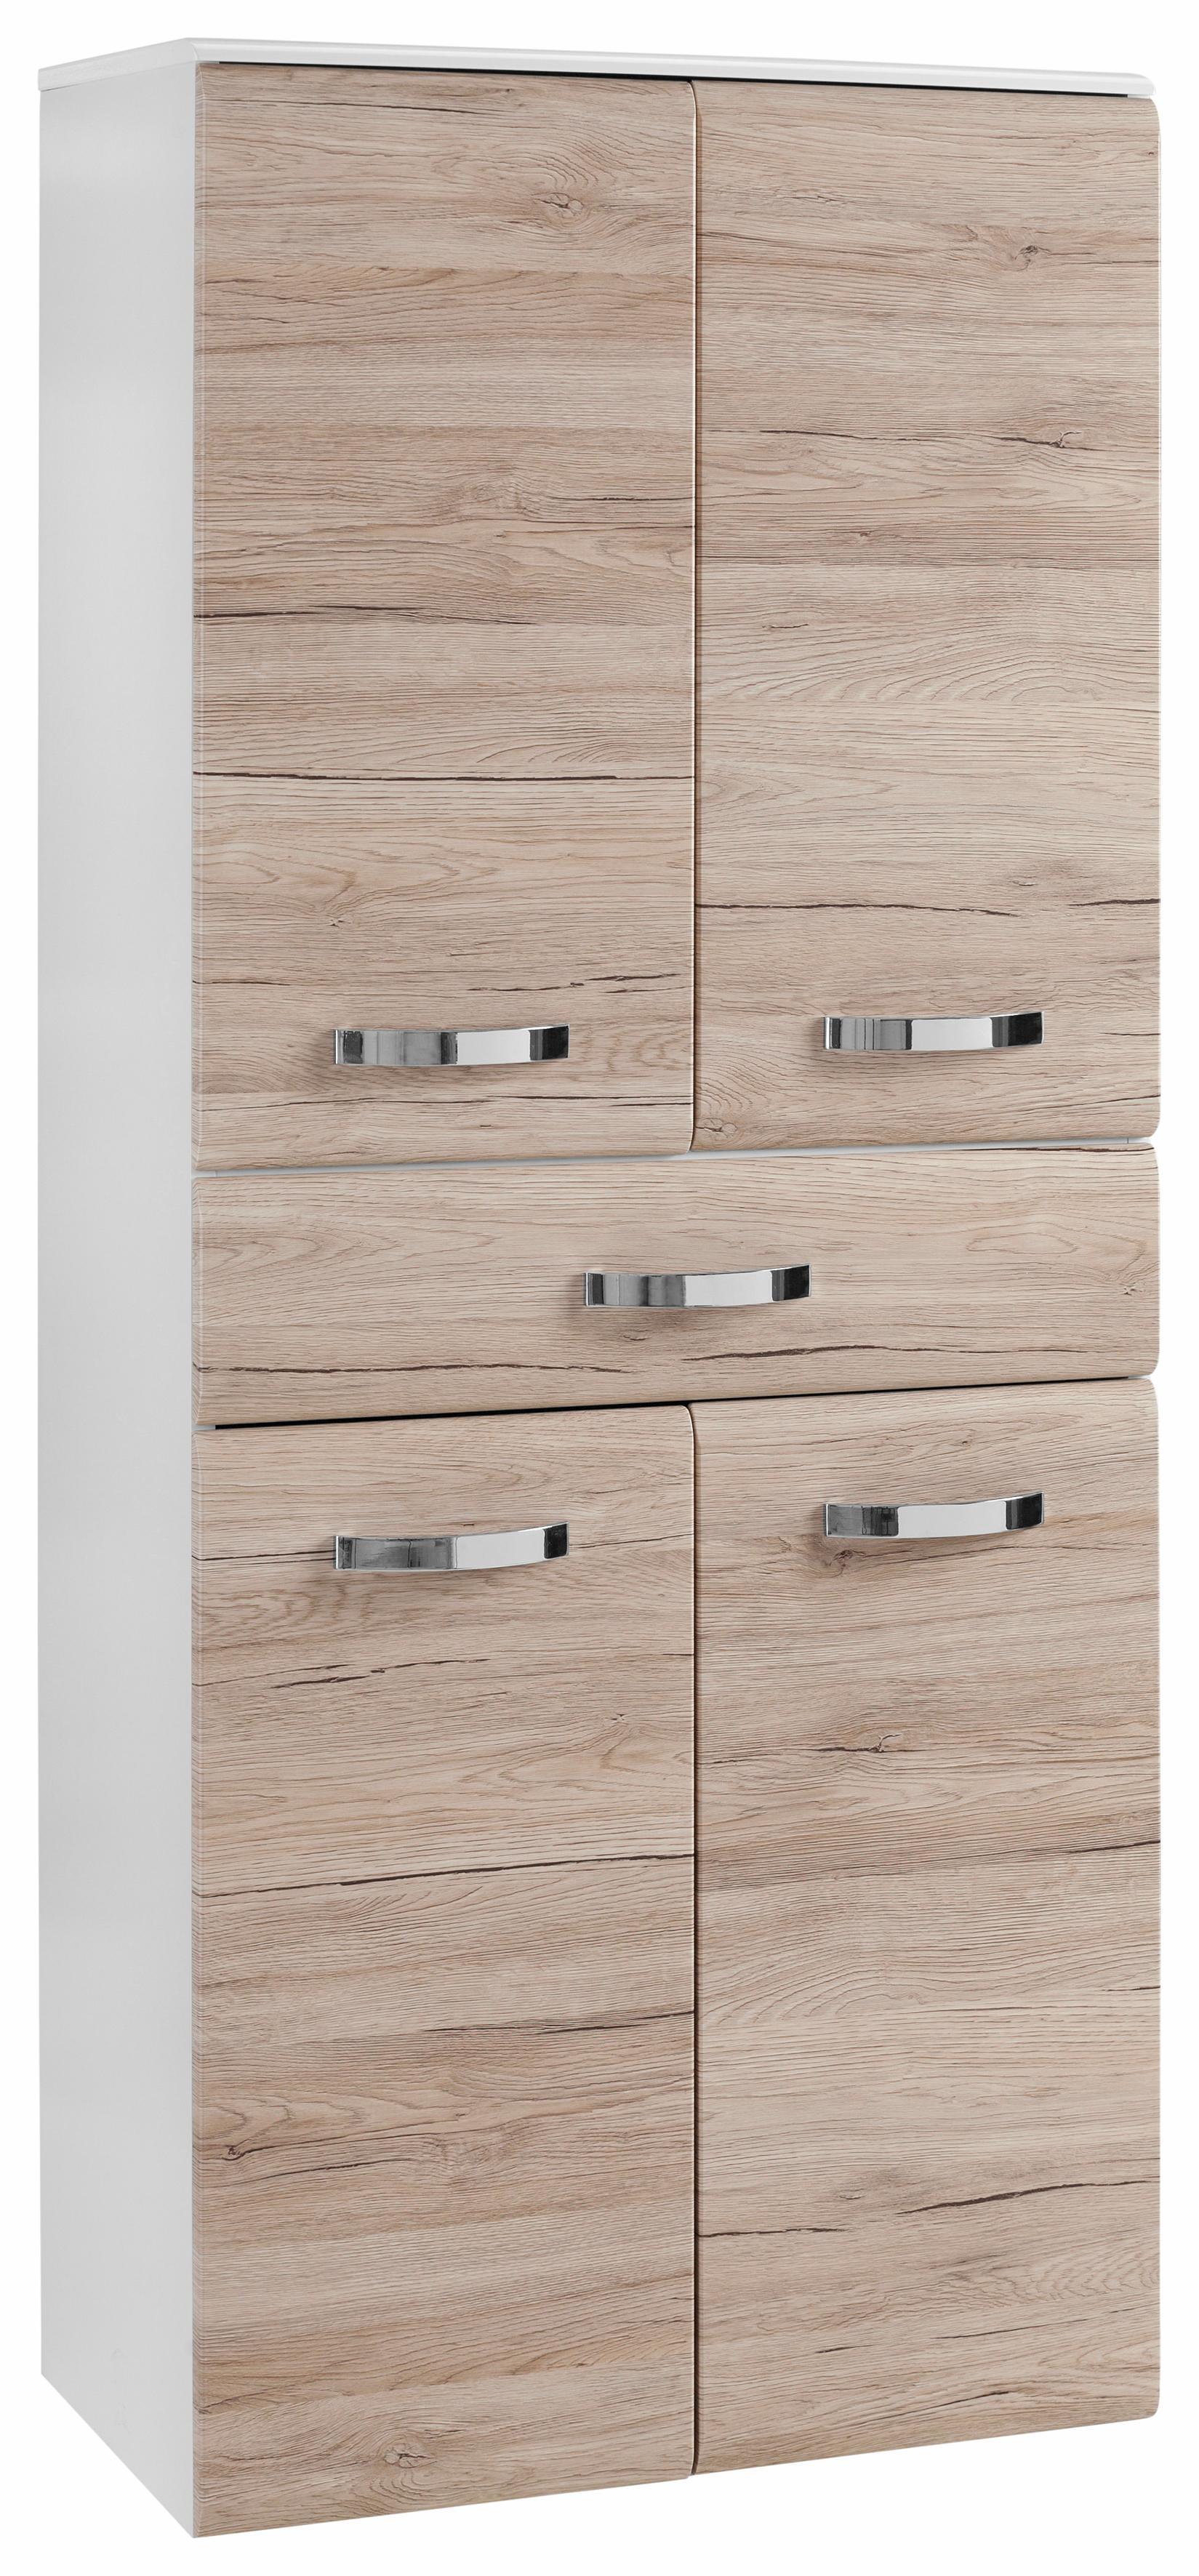 Hoge kast badkamer online kopen   Bekijk nu onze collectie   OTTO